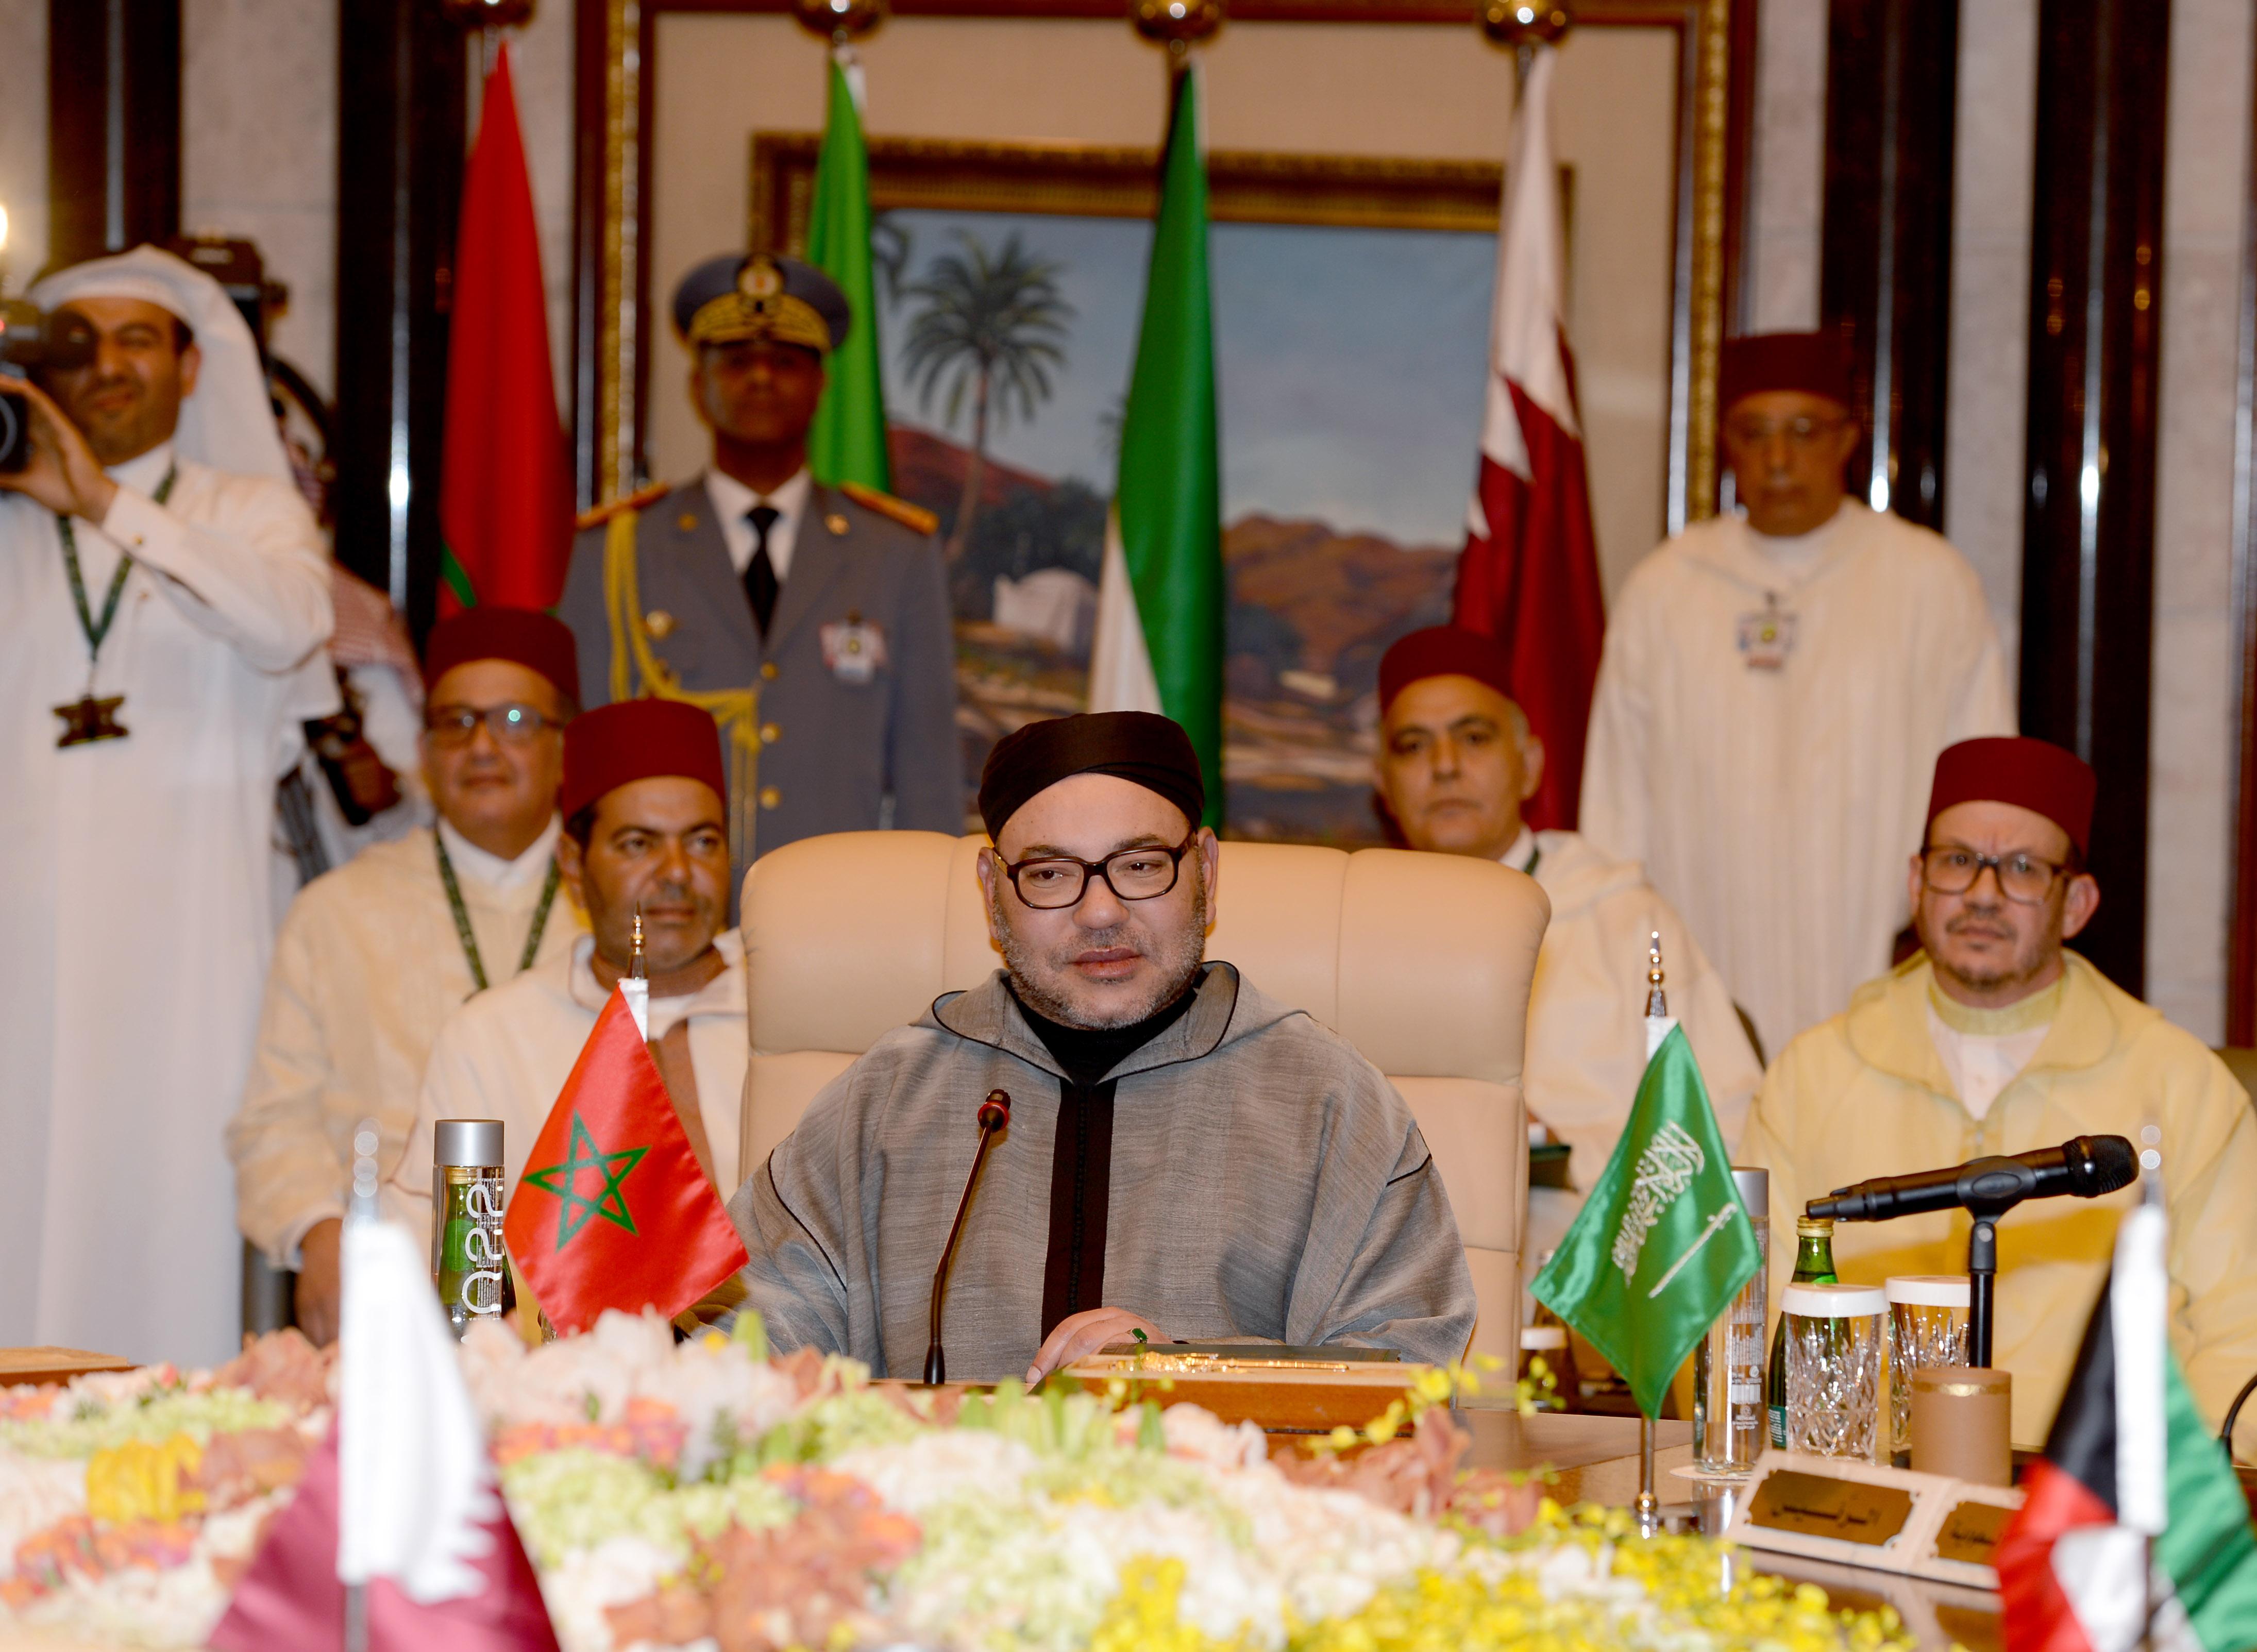 SM le Roi Mohammed VI prononce un discours devant le Sommet Maroc-Pays du Golfe